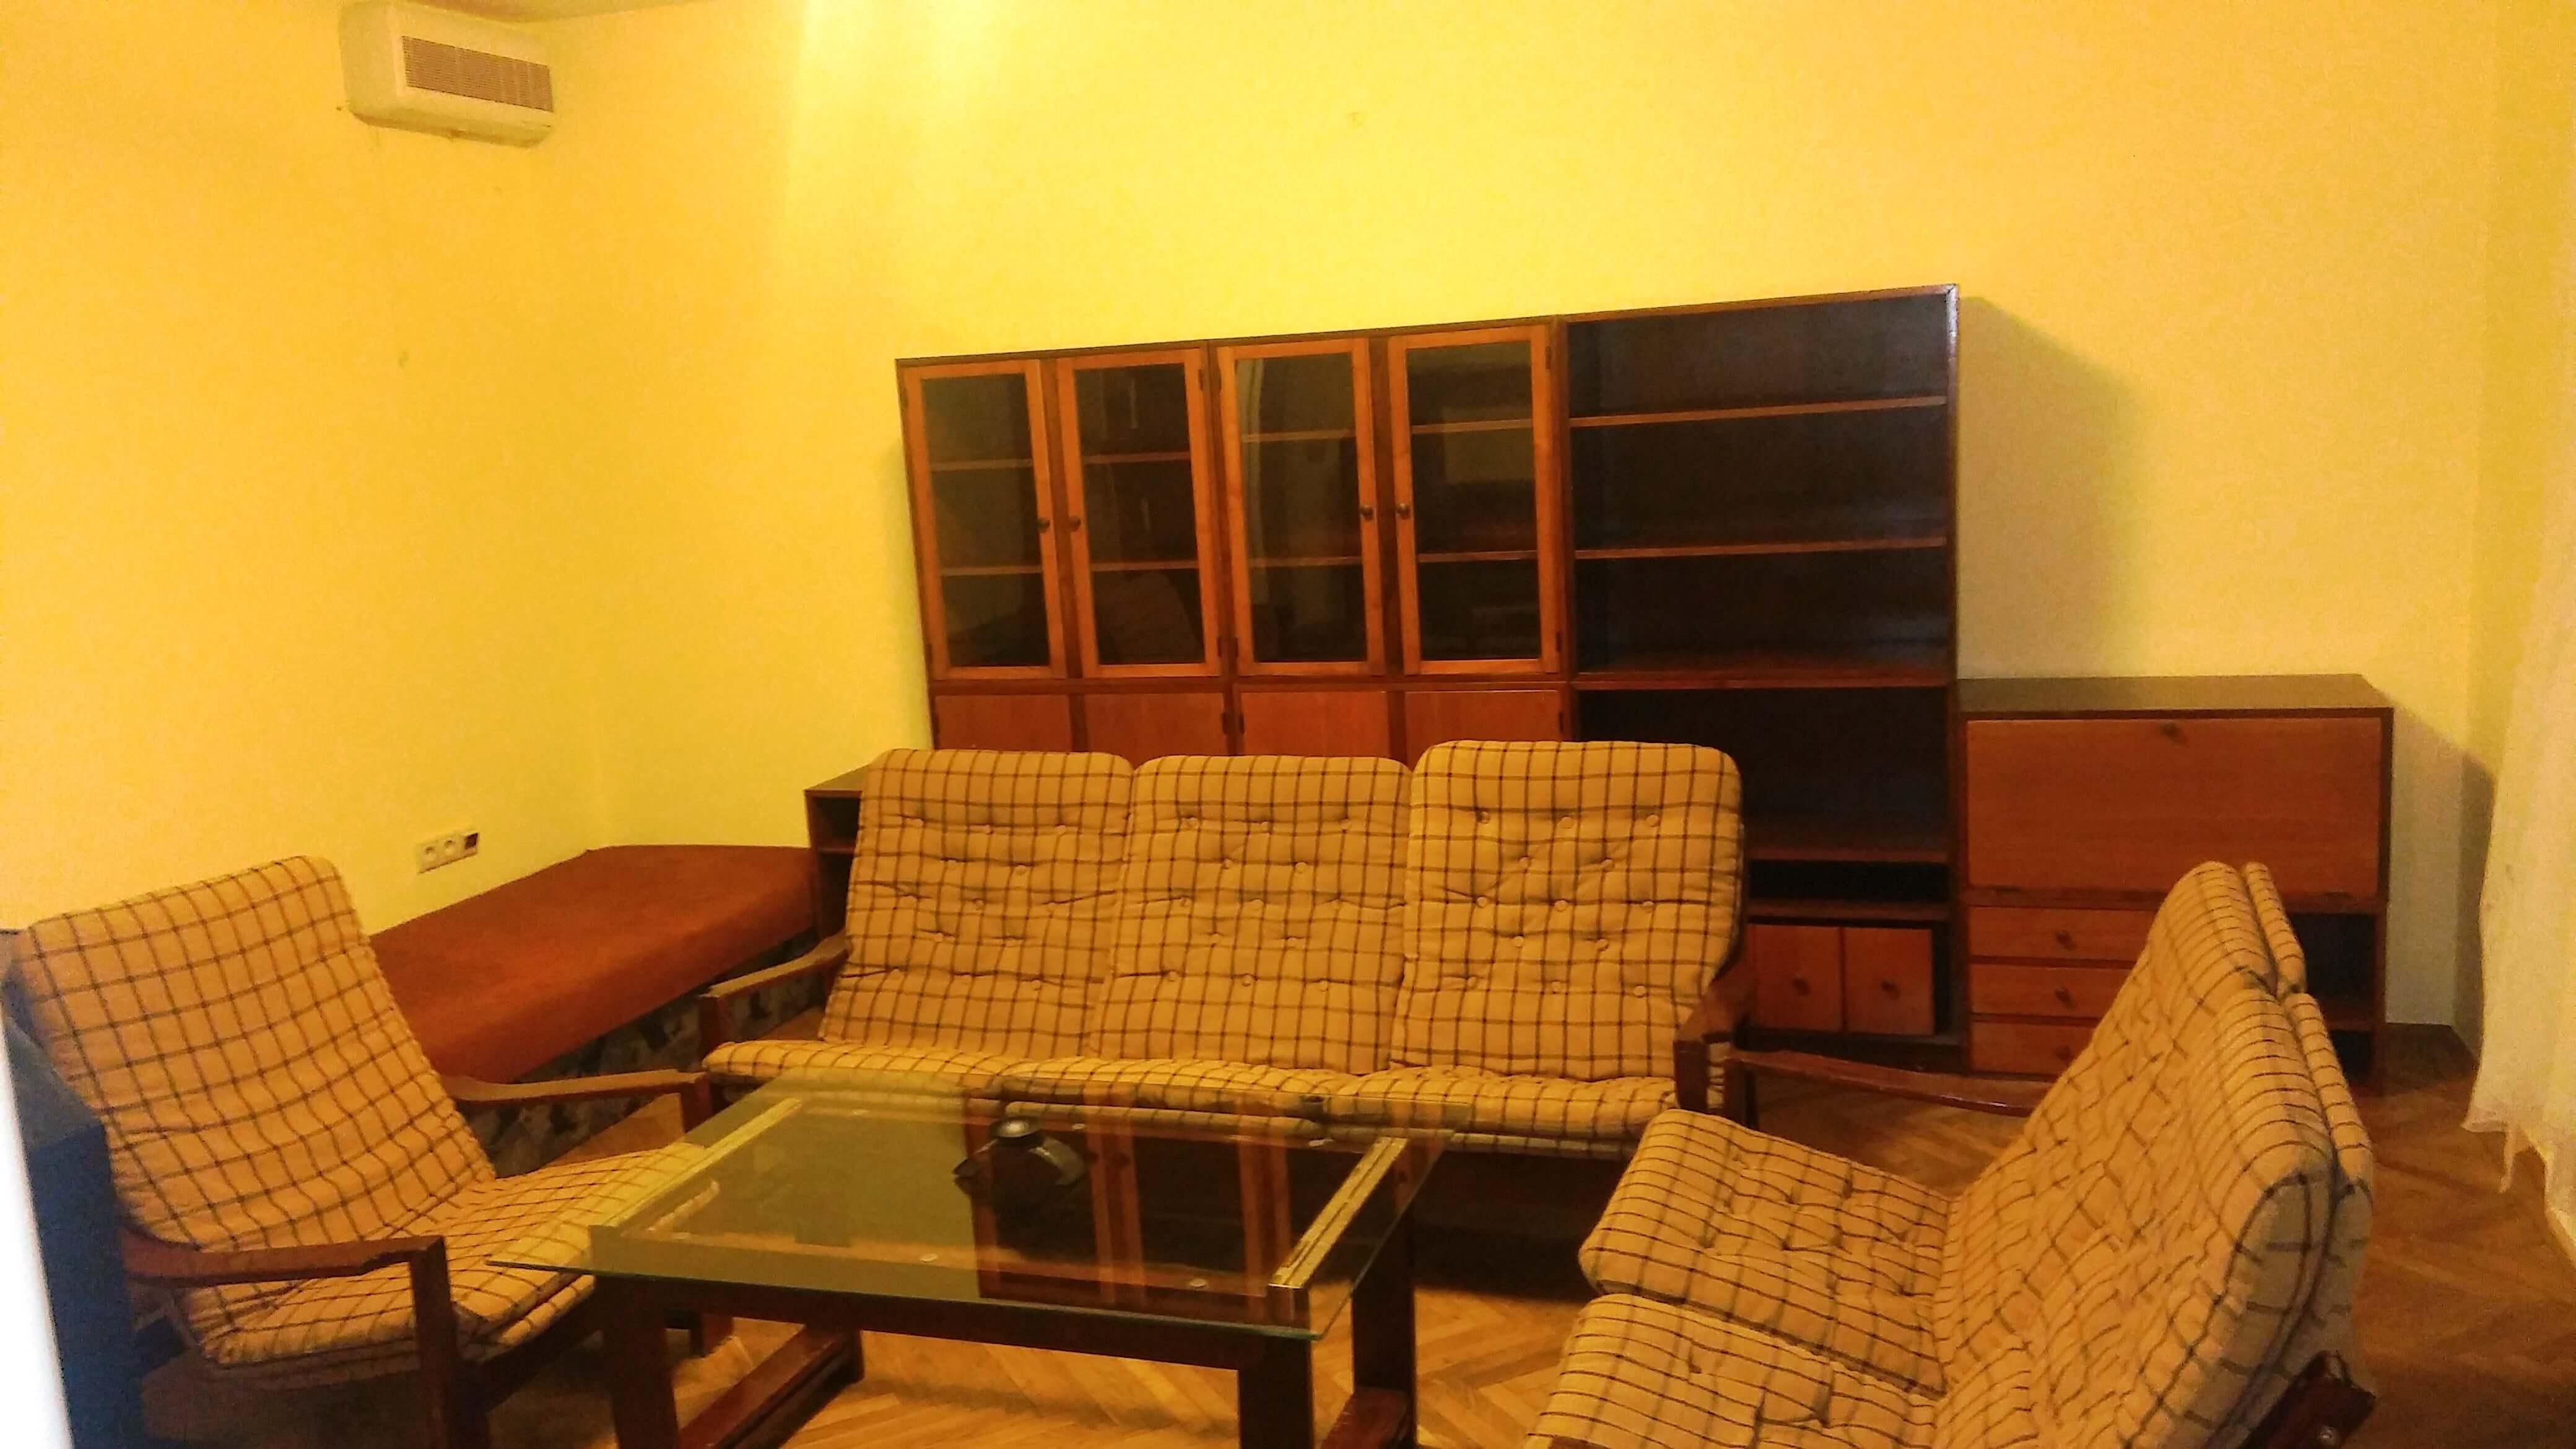 Prenájom jednej izby v 2 izb. byte, staré mesto, Šancová ulica, Bratislava, 80m2, zariadený-2